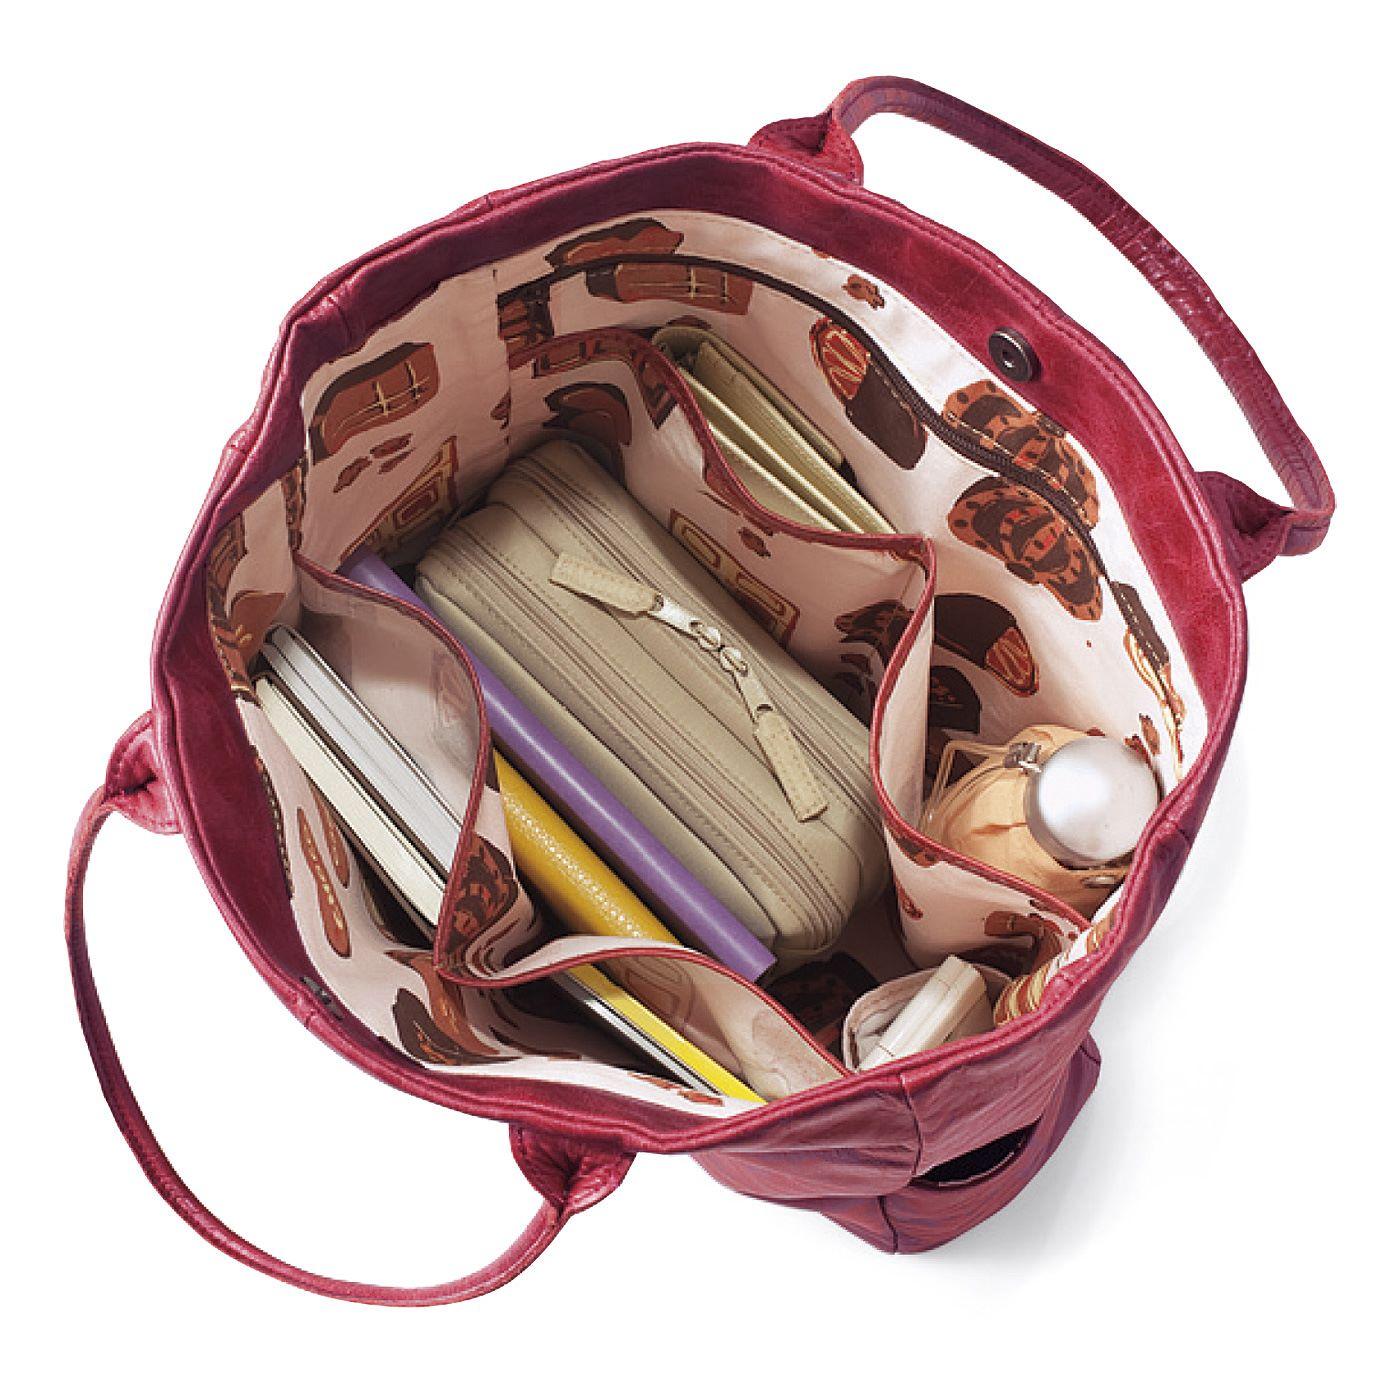 シンプルな見かけですが、中はちゃんと使い勝手を考えています!ポケットも6つに分かれていてバッグの中がすっきり機能的。もちろん底びょう付き!